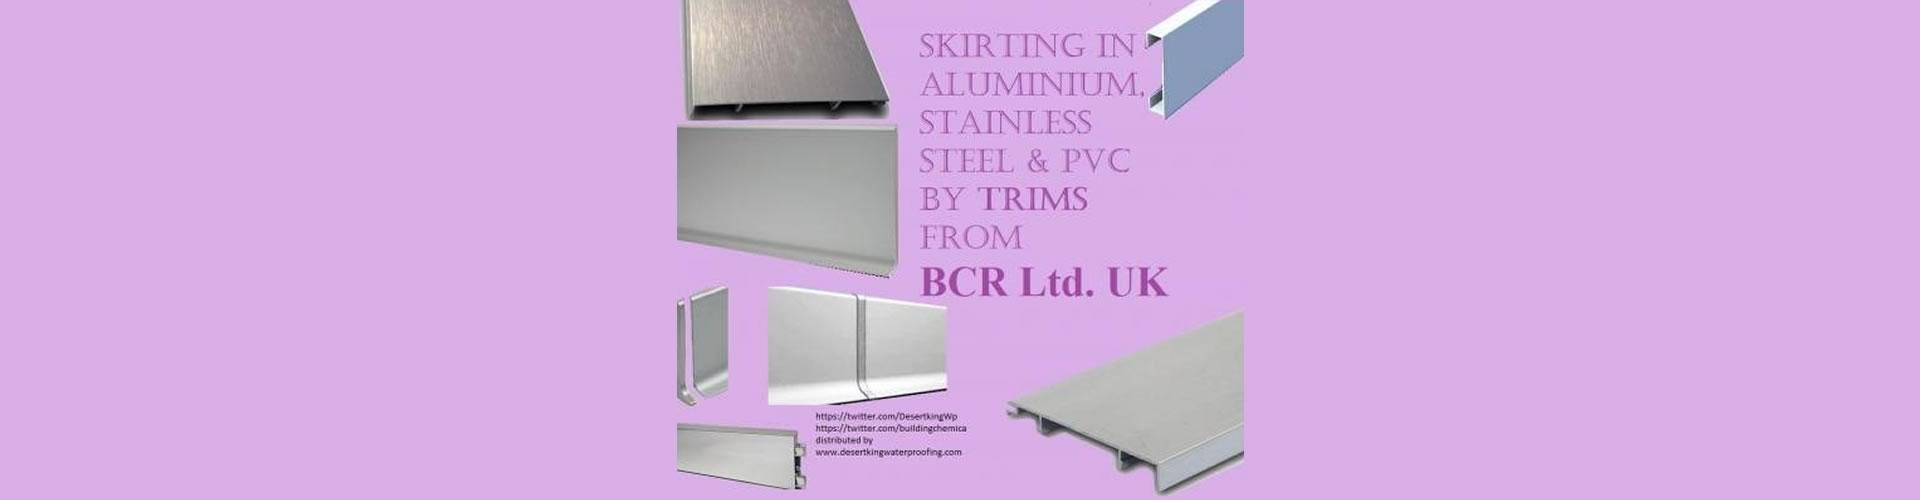 BCR Aluminium Skirting Range